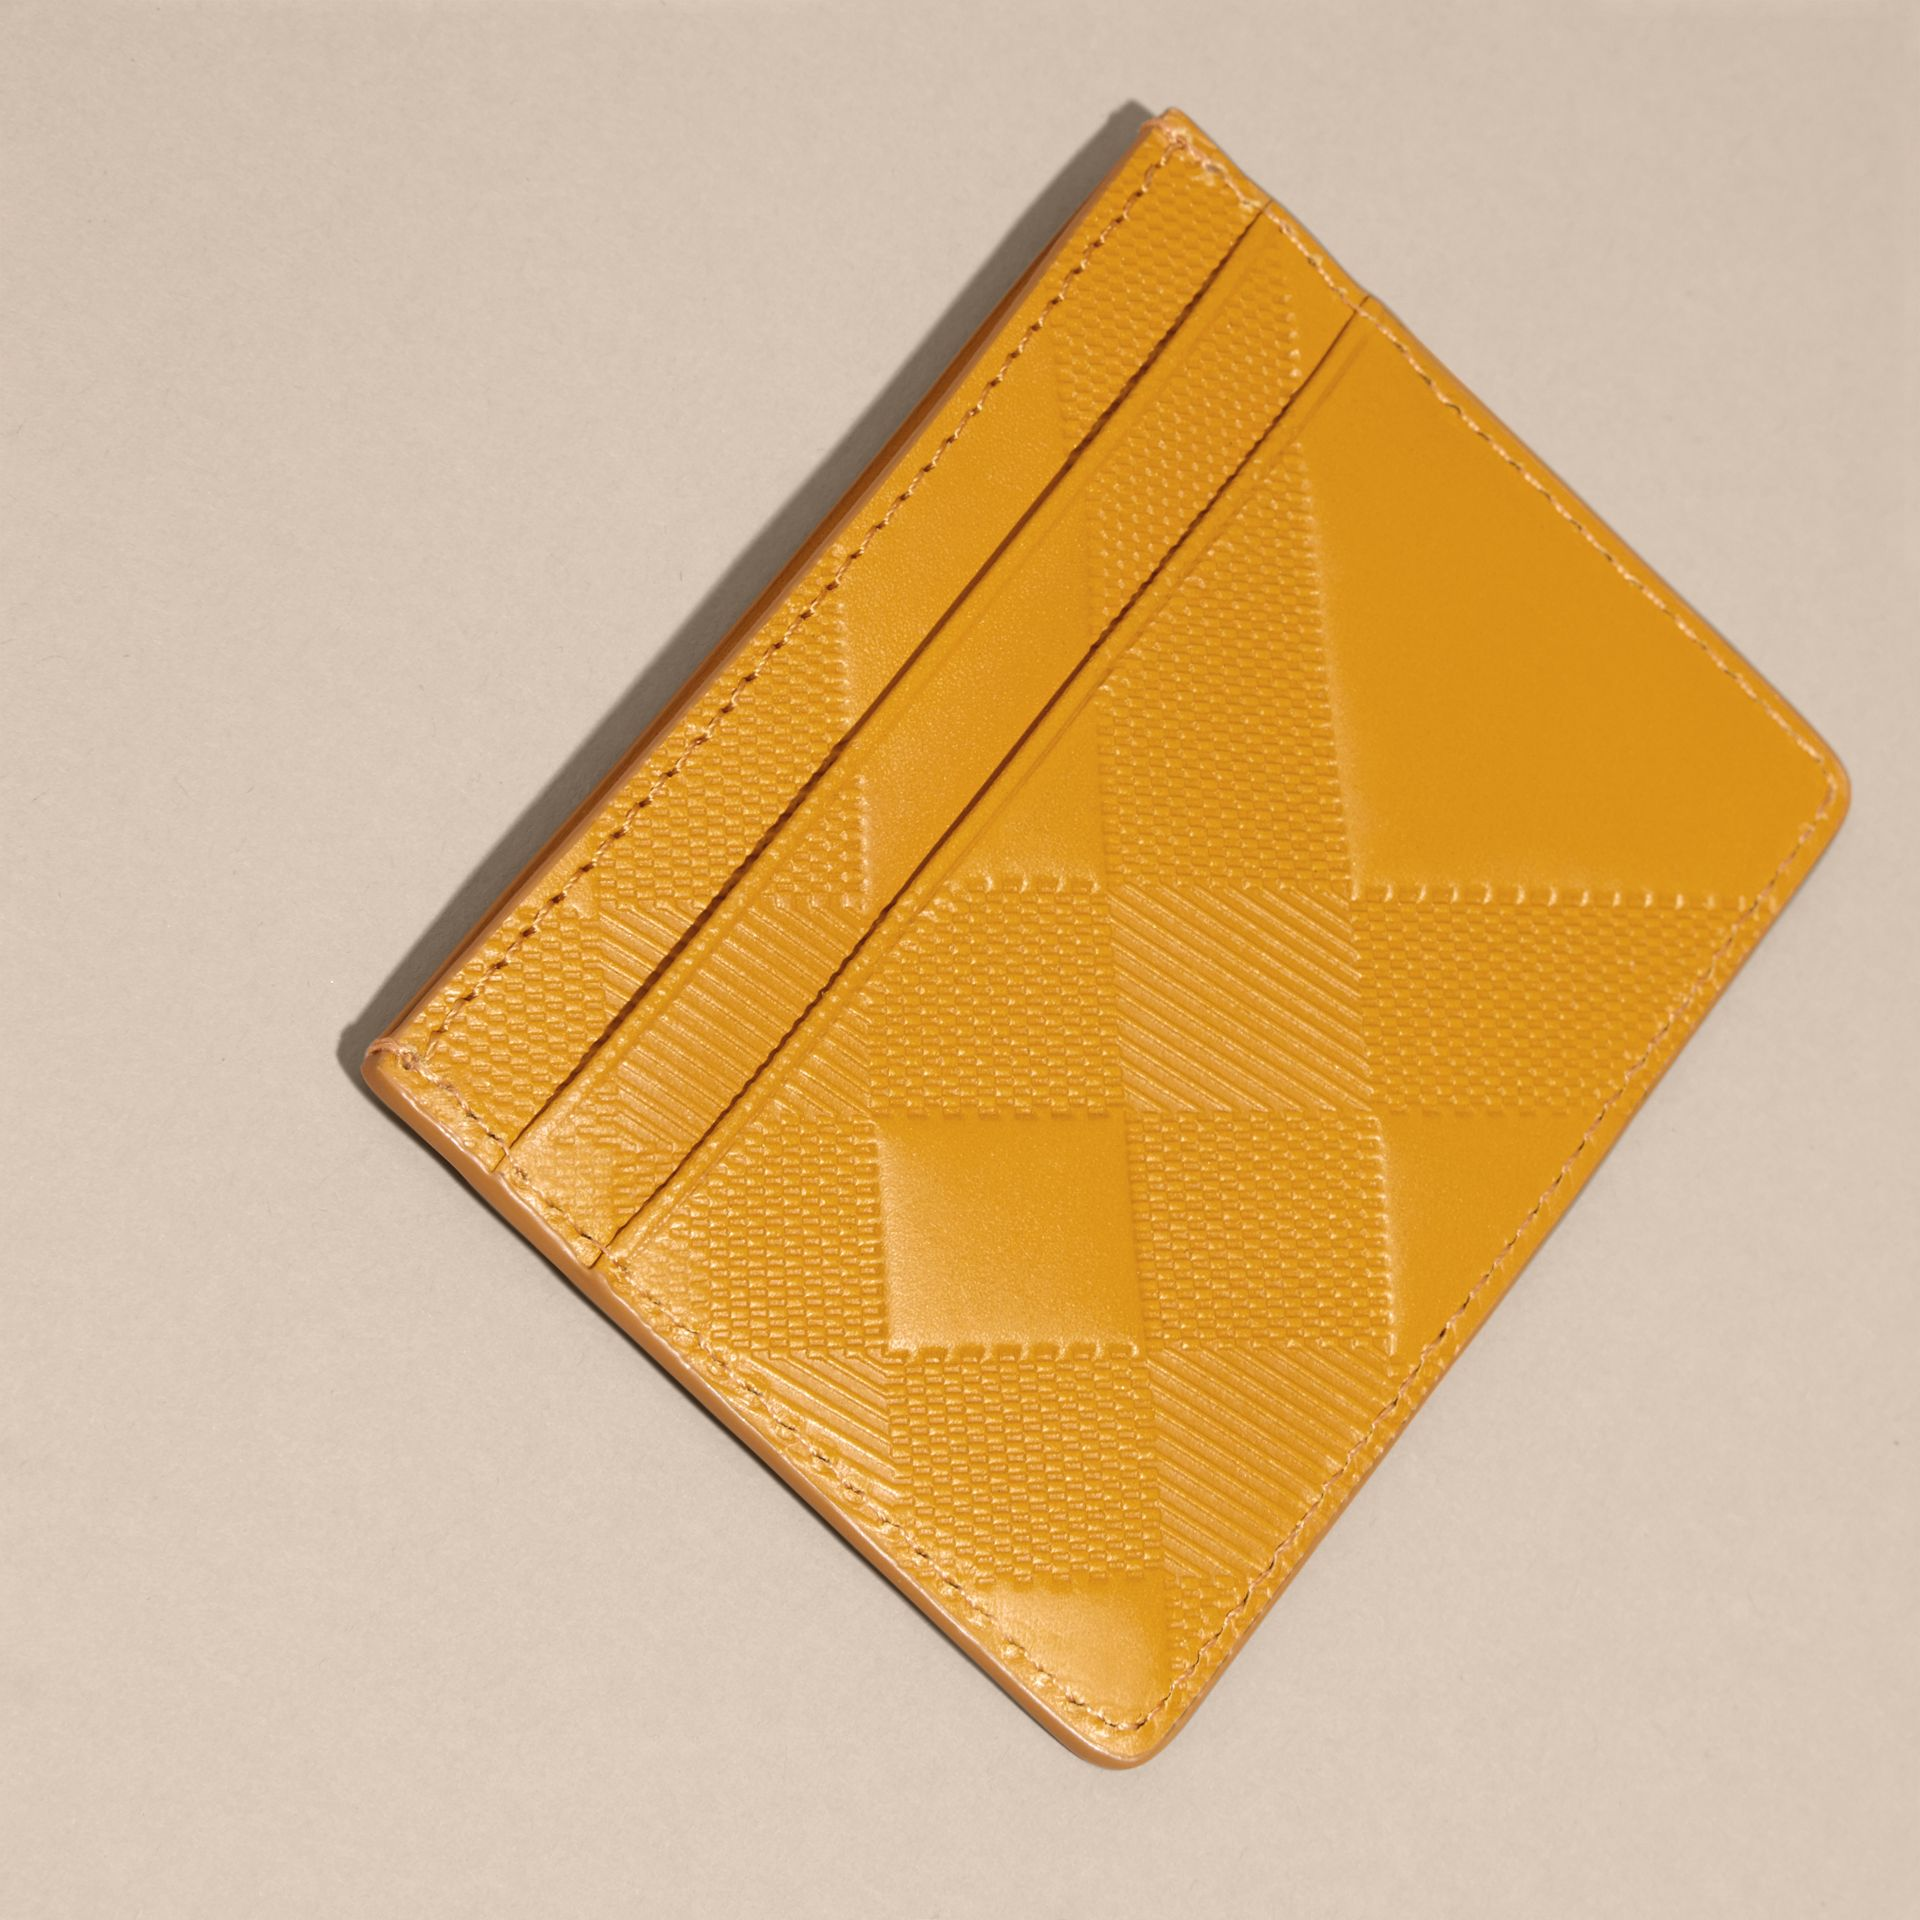 Giallo ambra Porta carte di credito in pelle con motivo check in rilievo Giallo Ambra - immagine della galleria 4